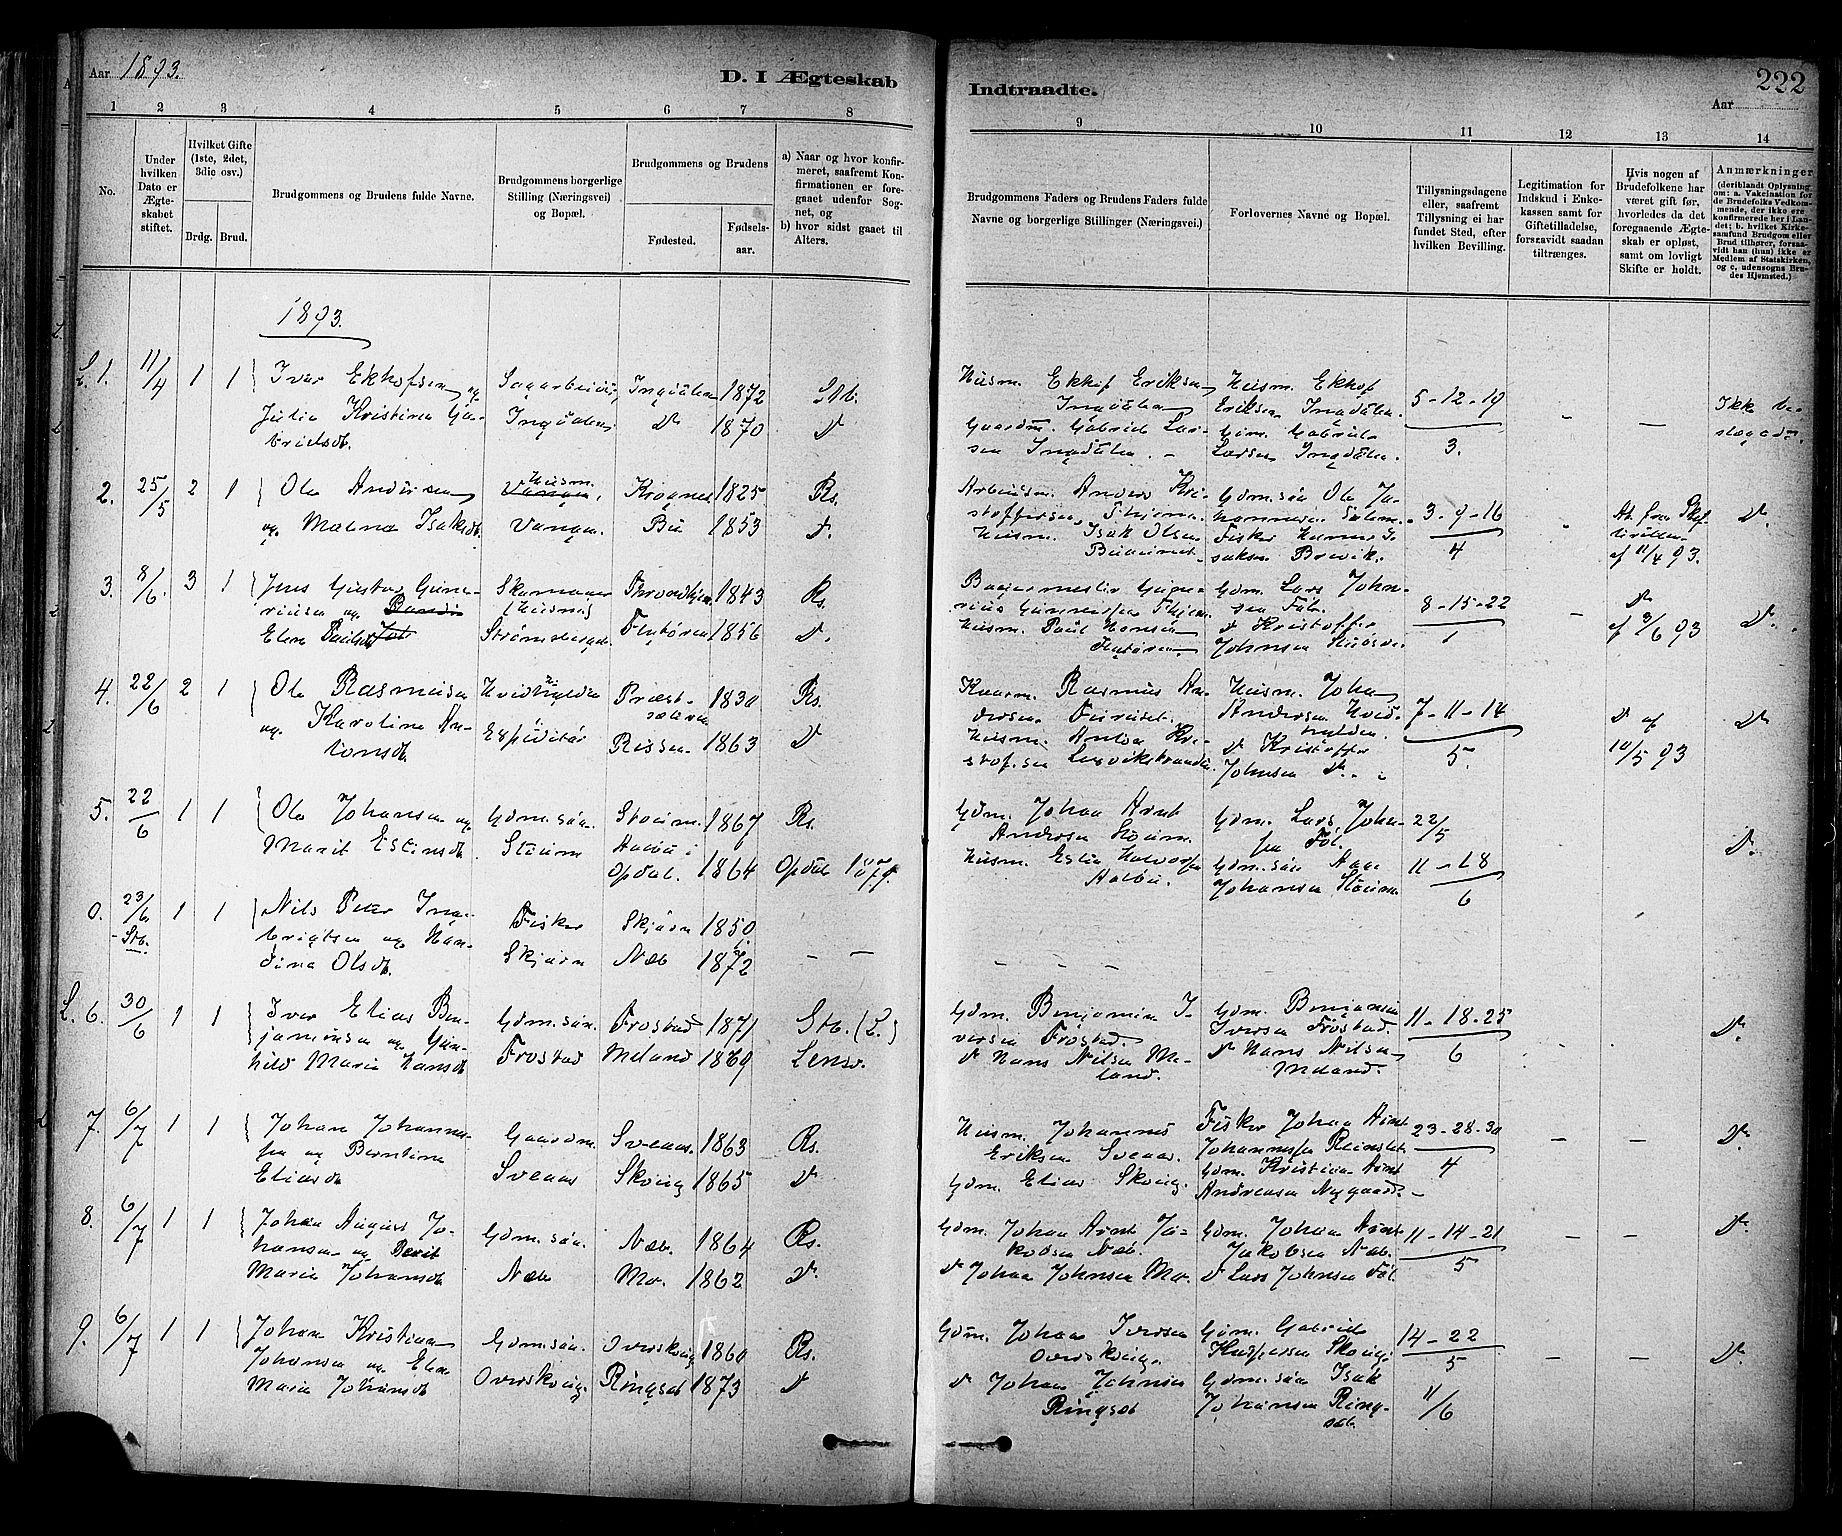 SAT, Ministerialprotokoller, klokkerbøker og fødselsregistre - Sør-Trøndelag, 647/L0634: Ministerialbok nr. 647A01, 1885-1896, s. 222